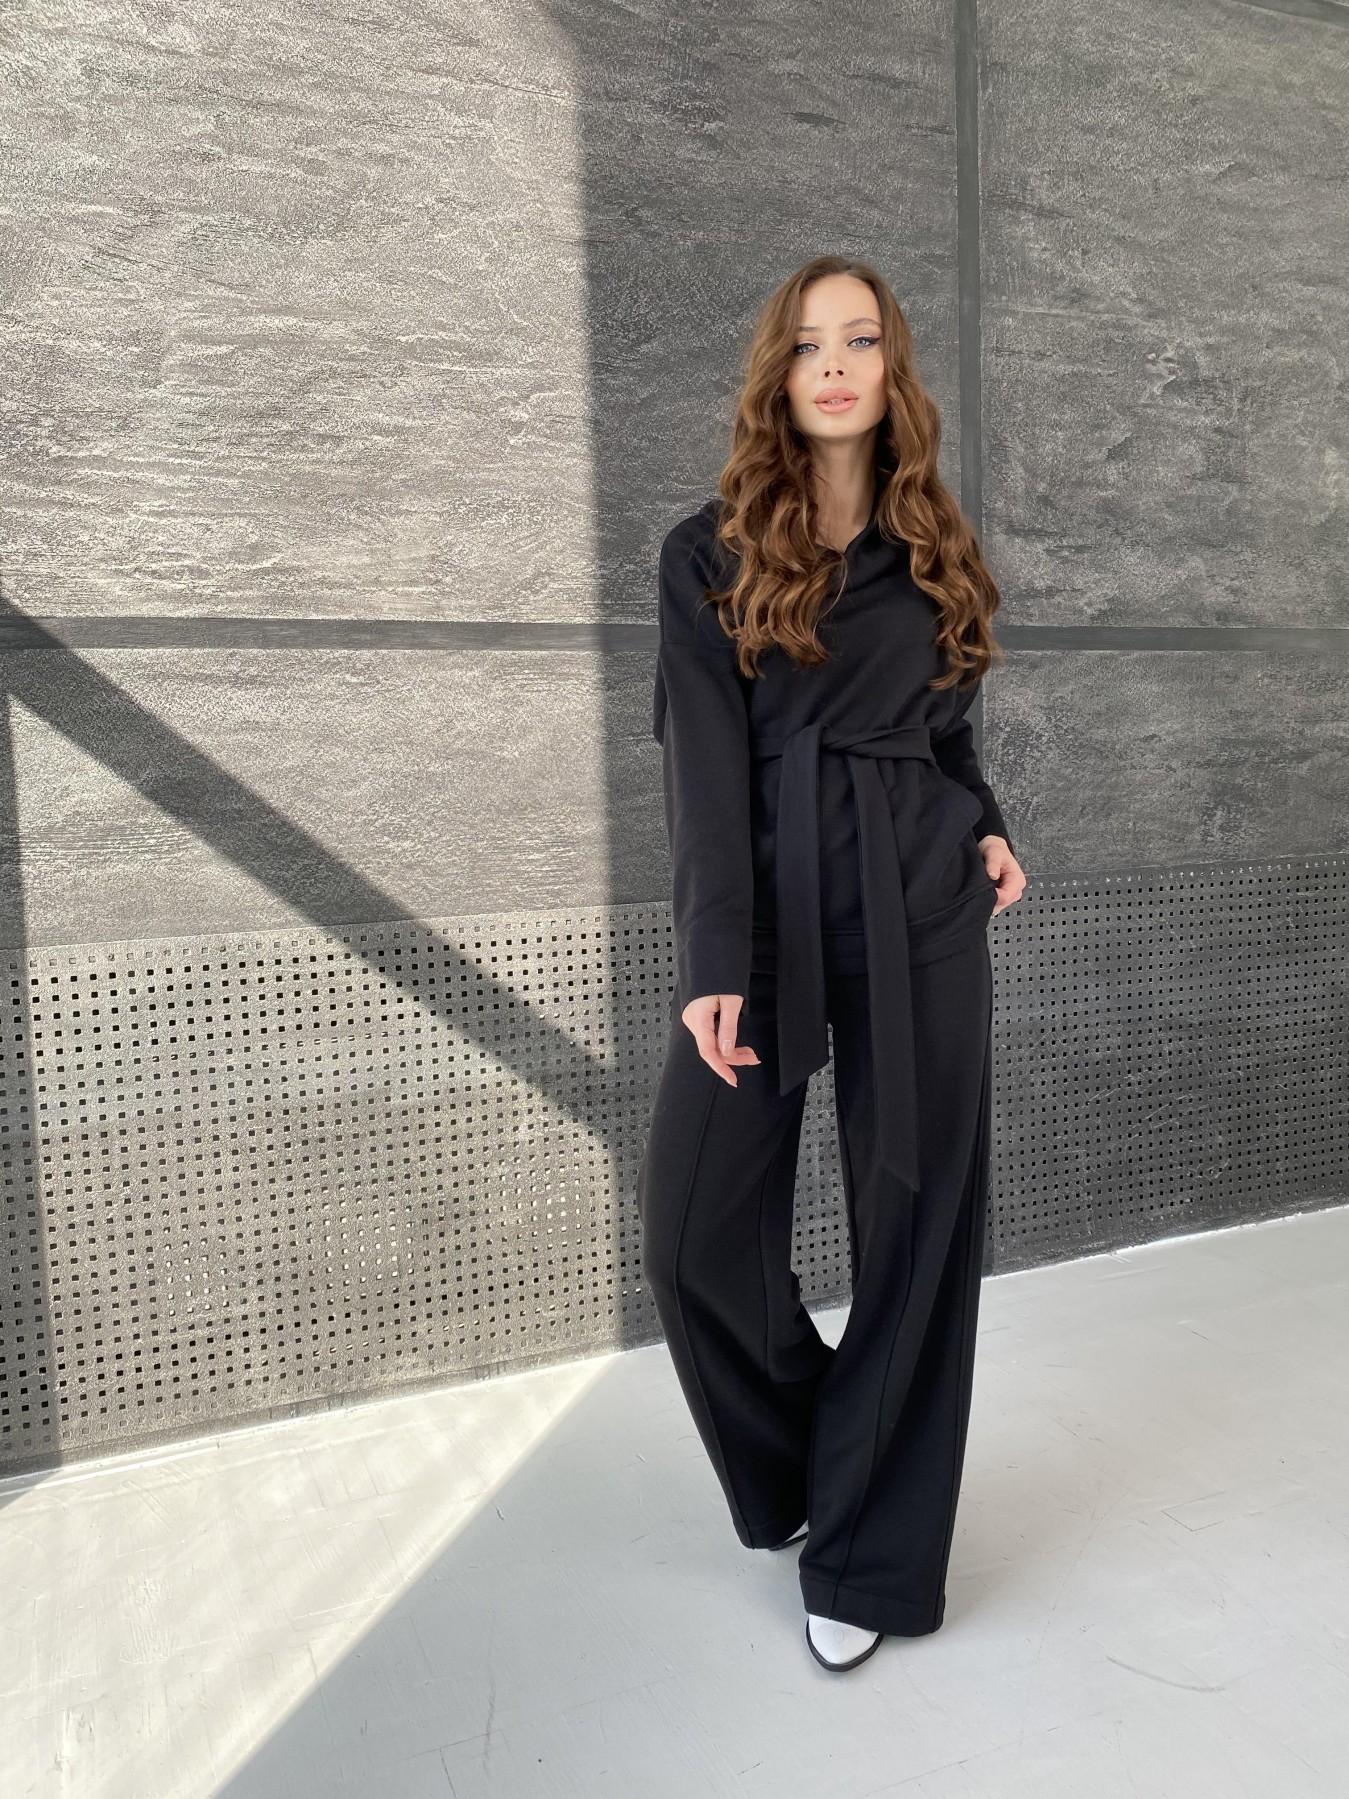 Кристиан костюм 3х нитка 10676 АРТ. 47247 Цвет: Черный - фото 4, интернет магазин tm-modus.ru